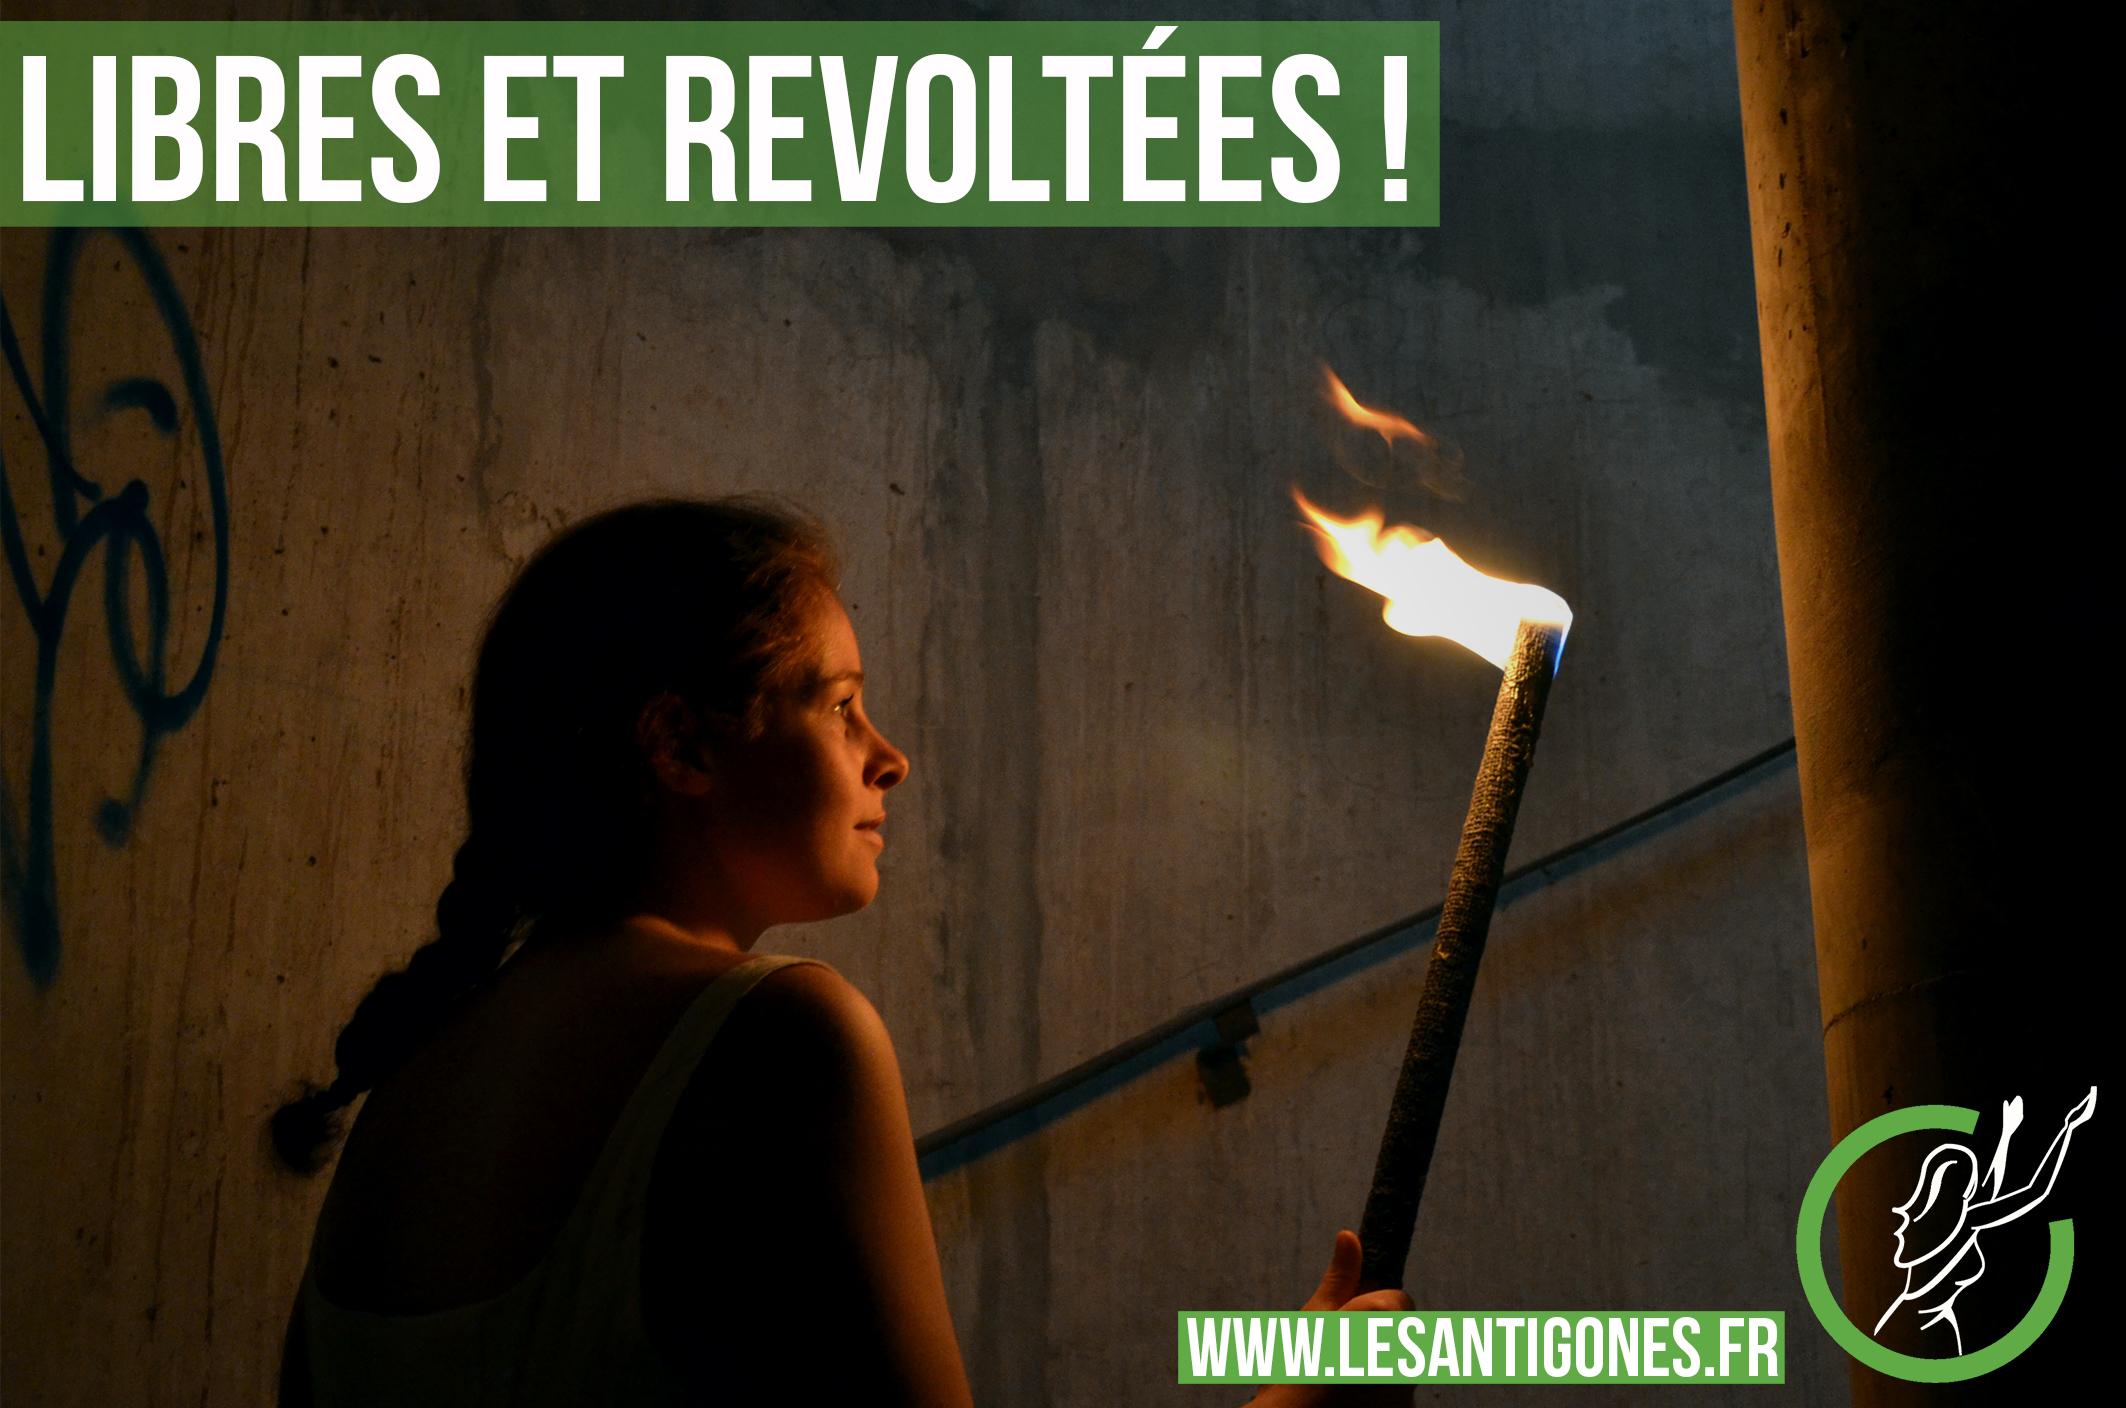 révolte liberté camus antigones féminité